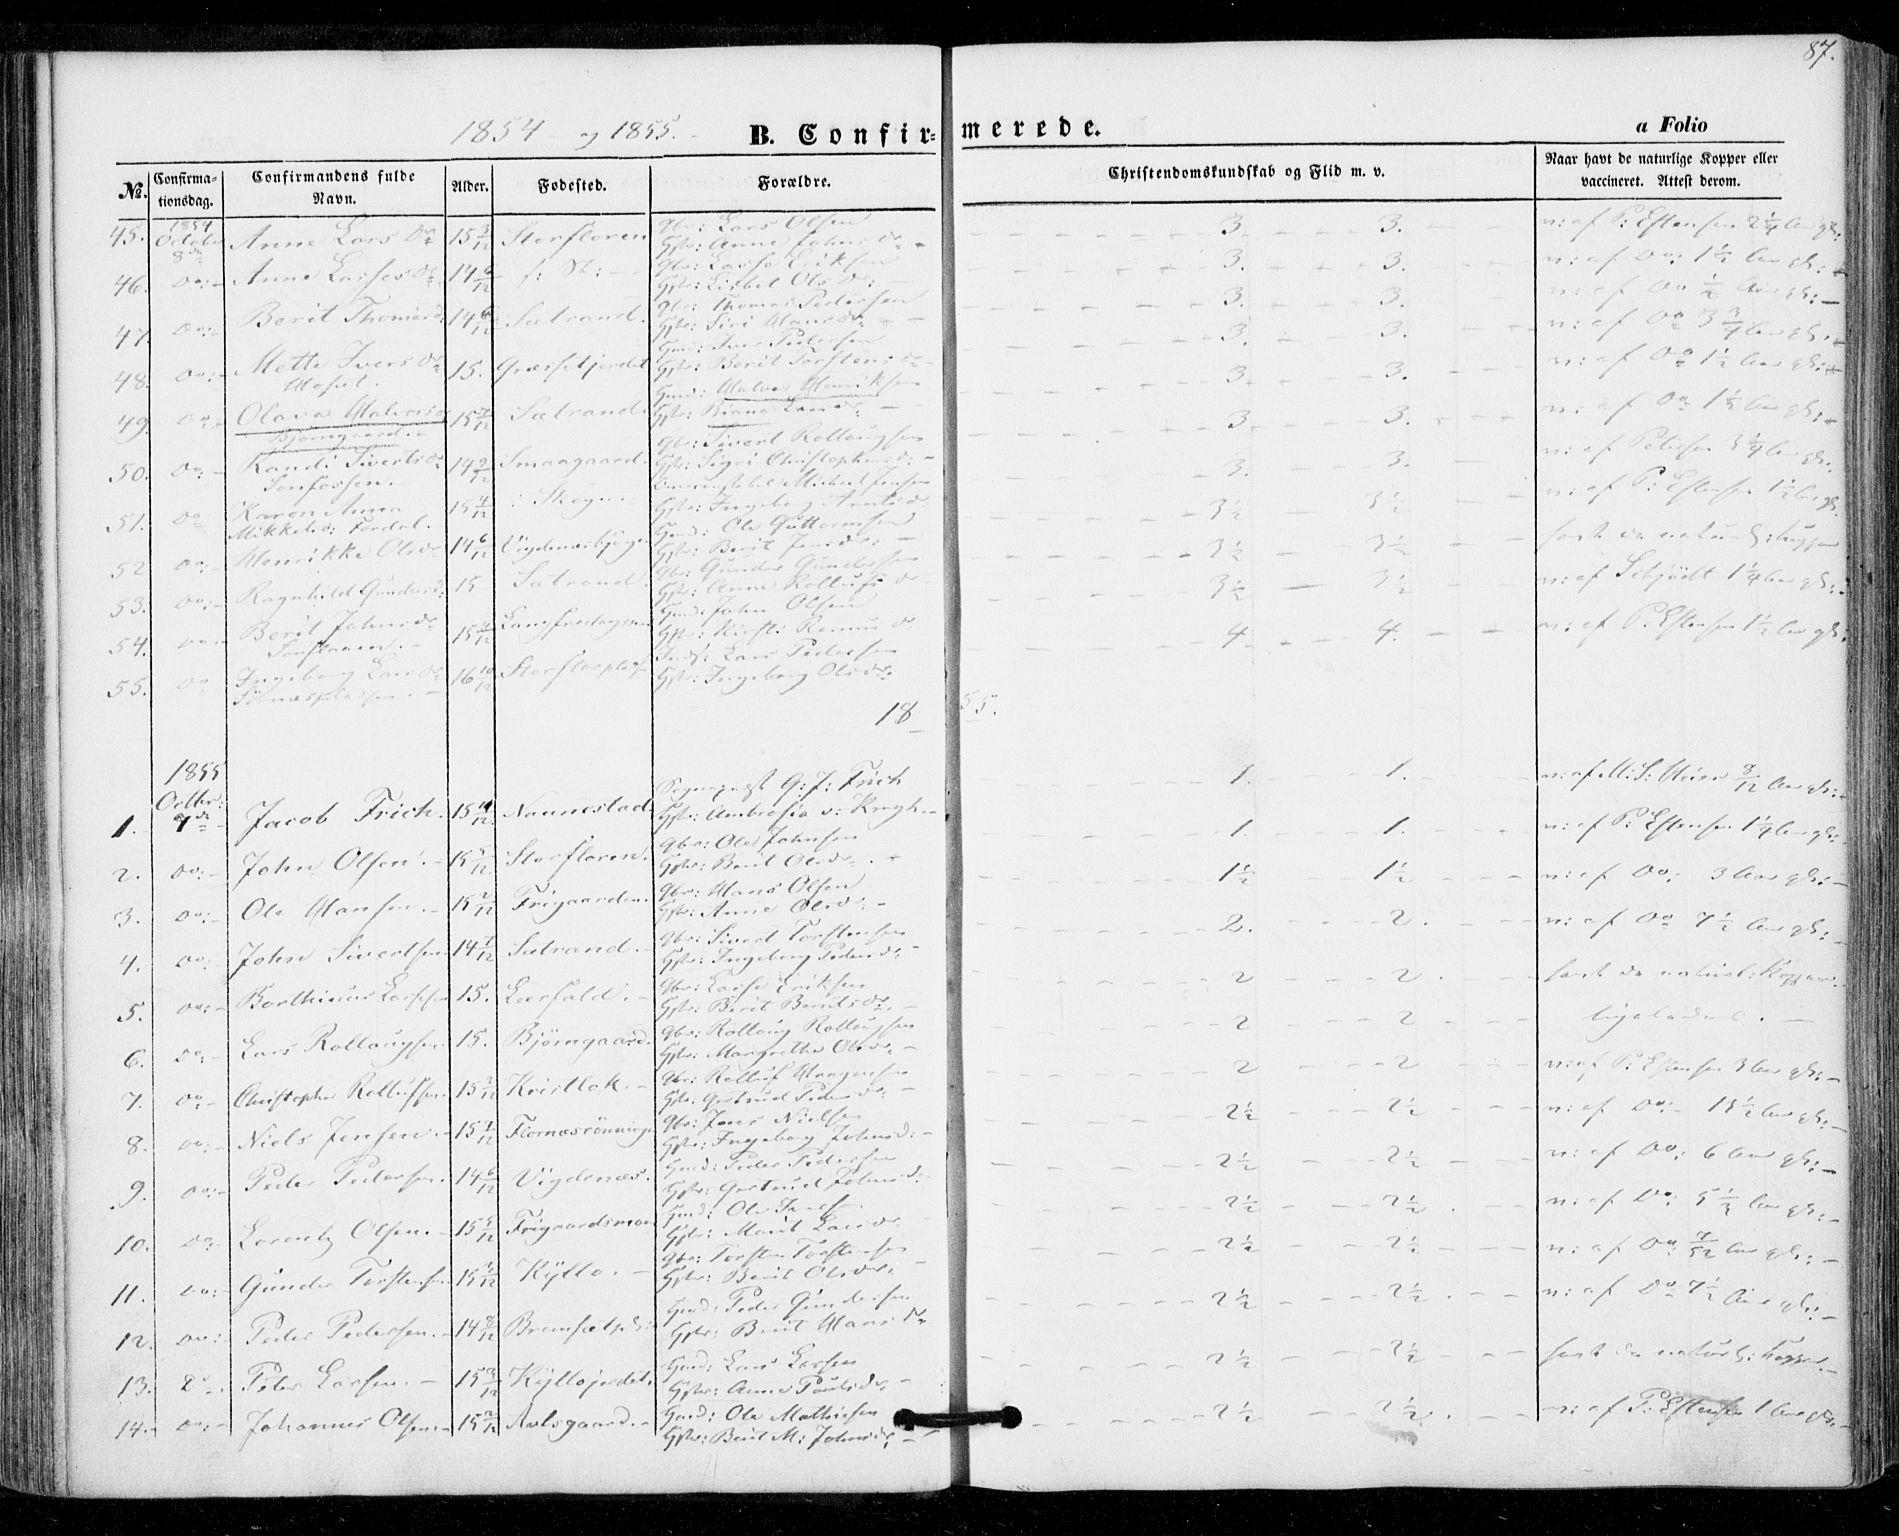 SAT, Ministerialprotokoller, klokkerbøker og fødselsregistre - Nord-Trøndelag, 703/L0028: Ministerialbok nr. 703A01, 1850-1862, s. 87